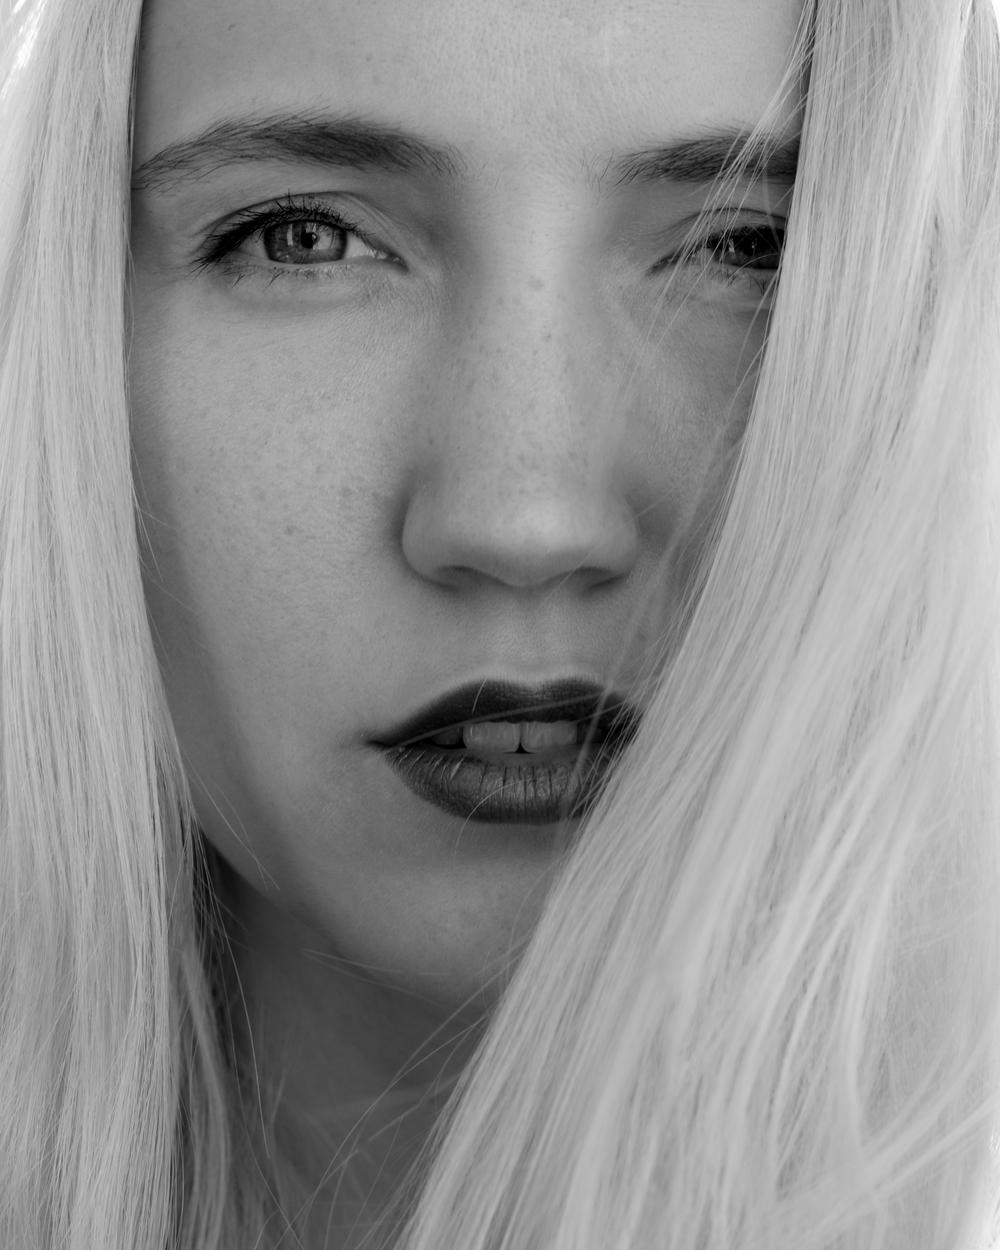 Olya_Shikhova_Polina_Shubkina_2015_002.jpg